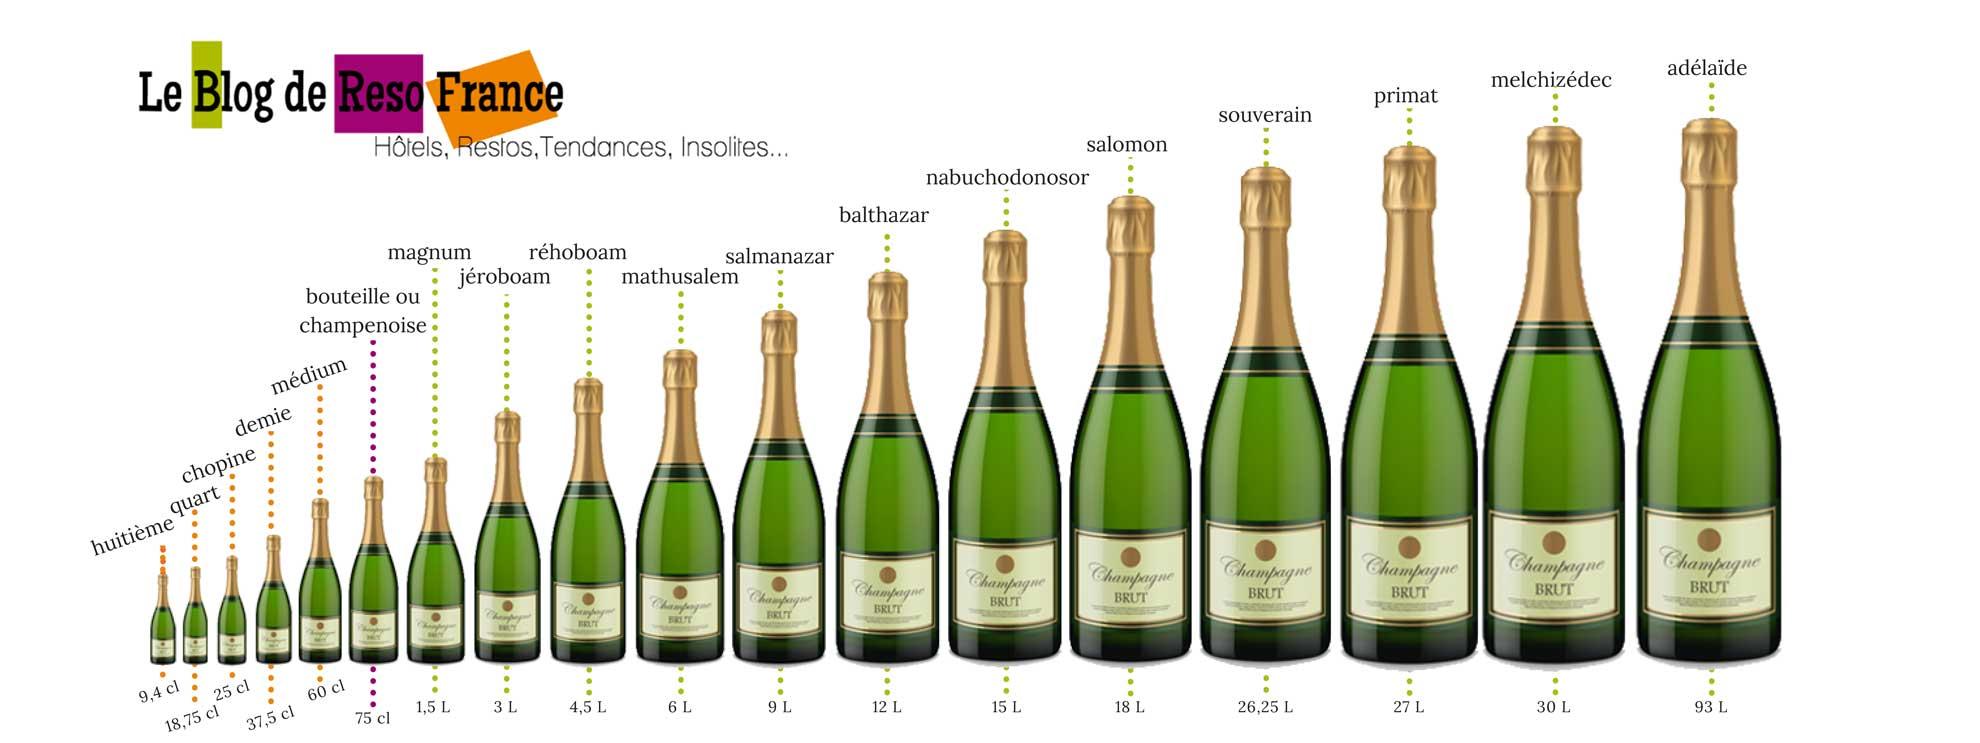 Bouteilles de champagne : Les tailles et contenances